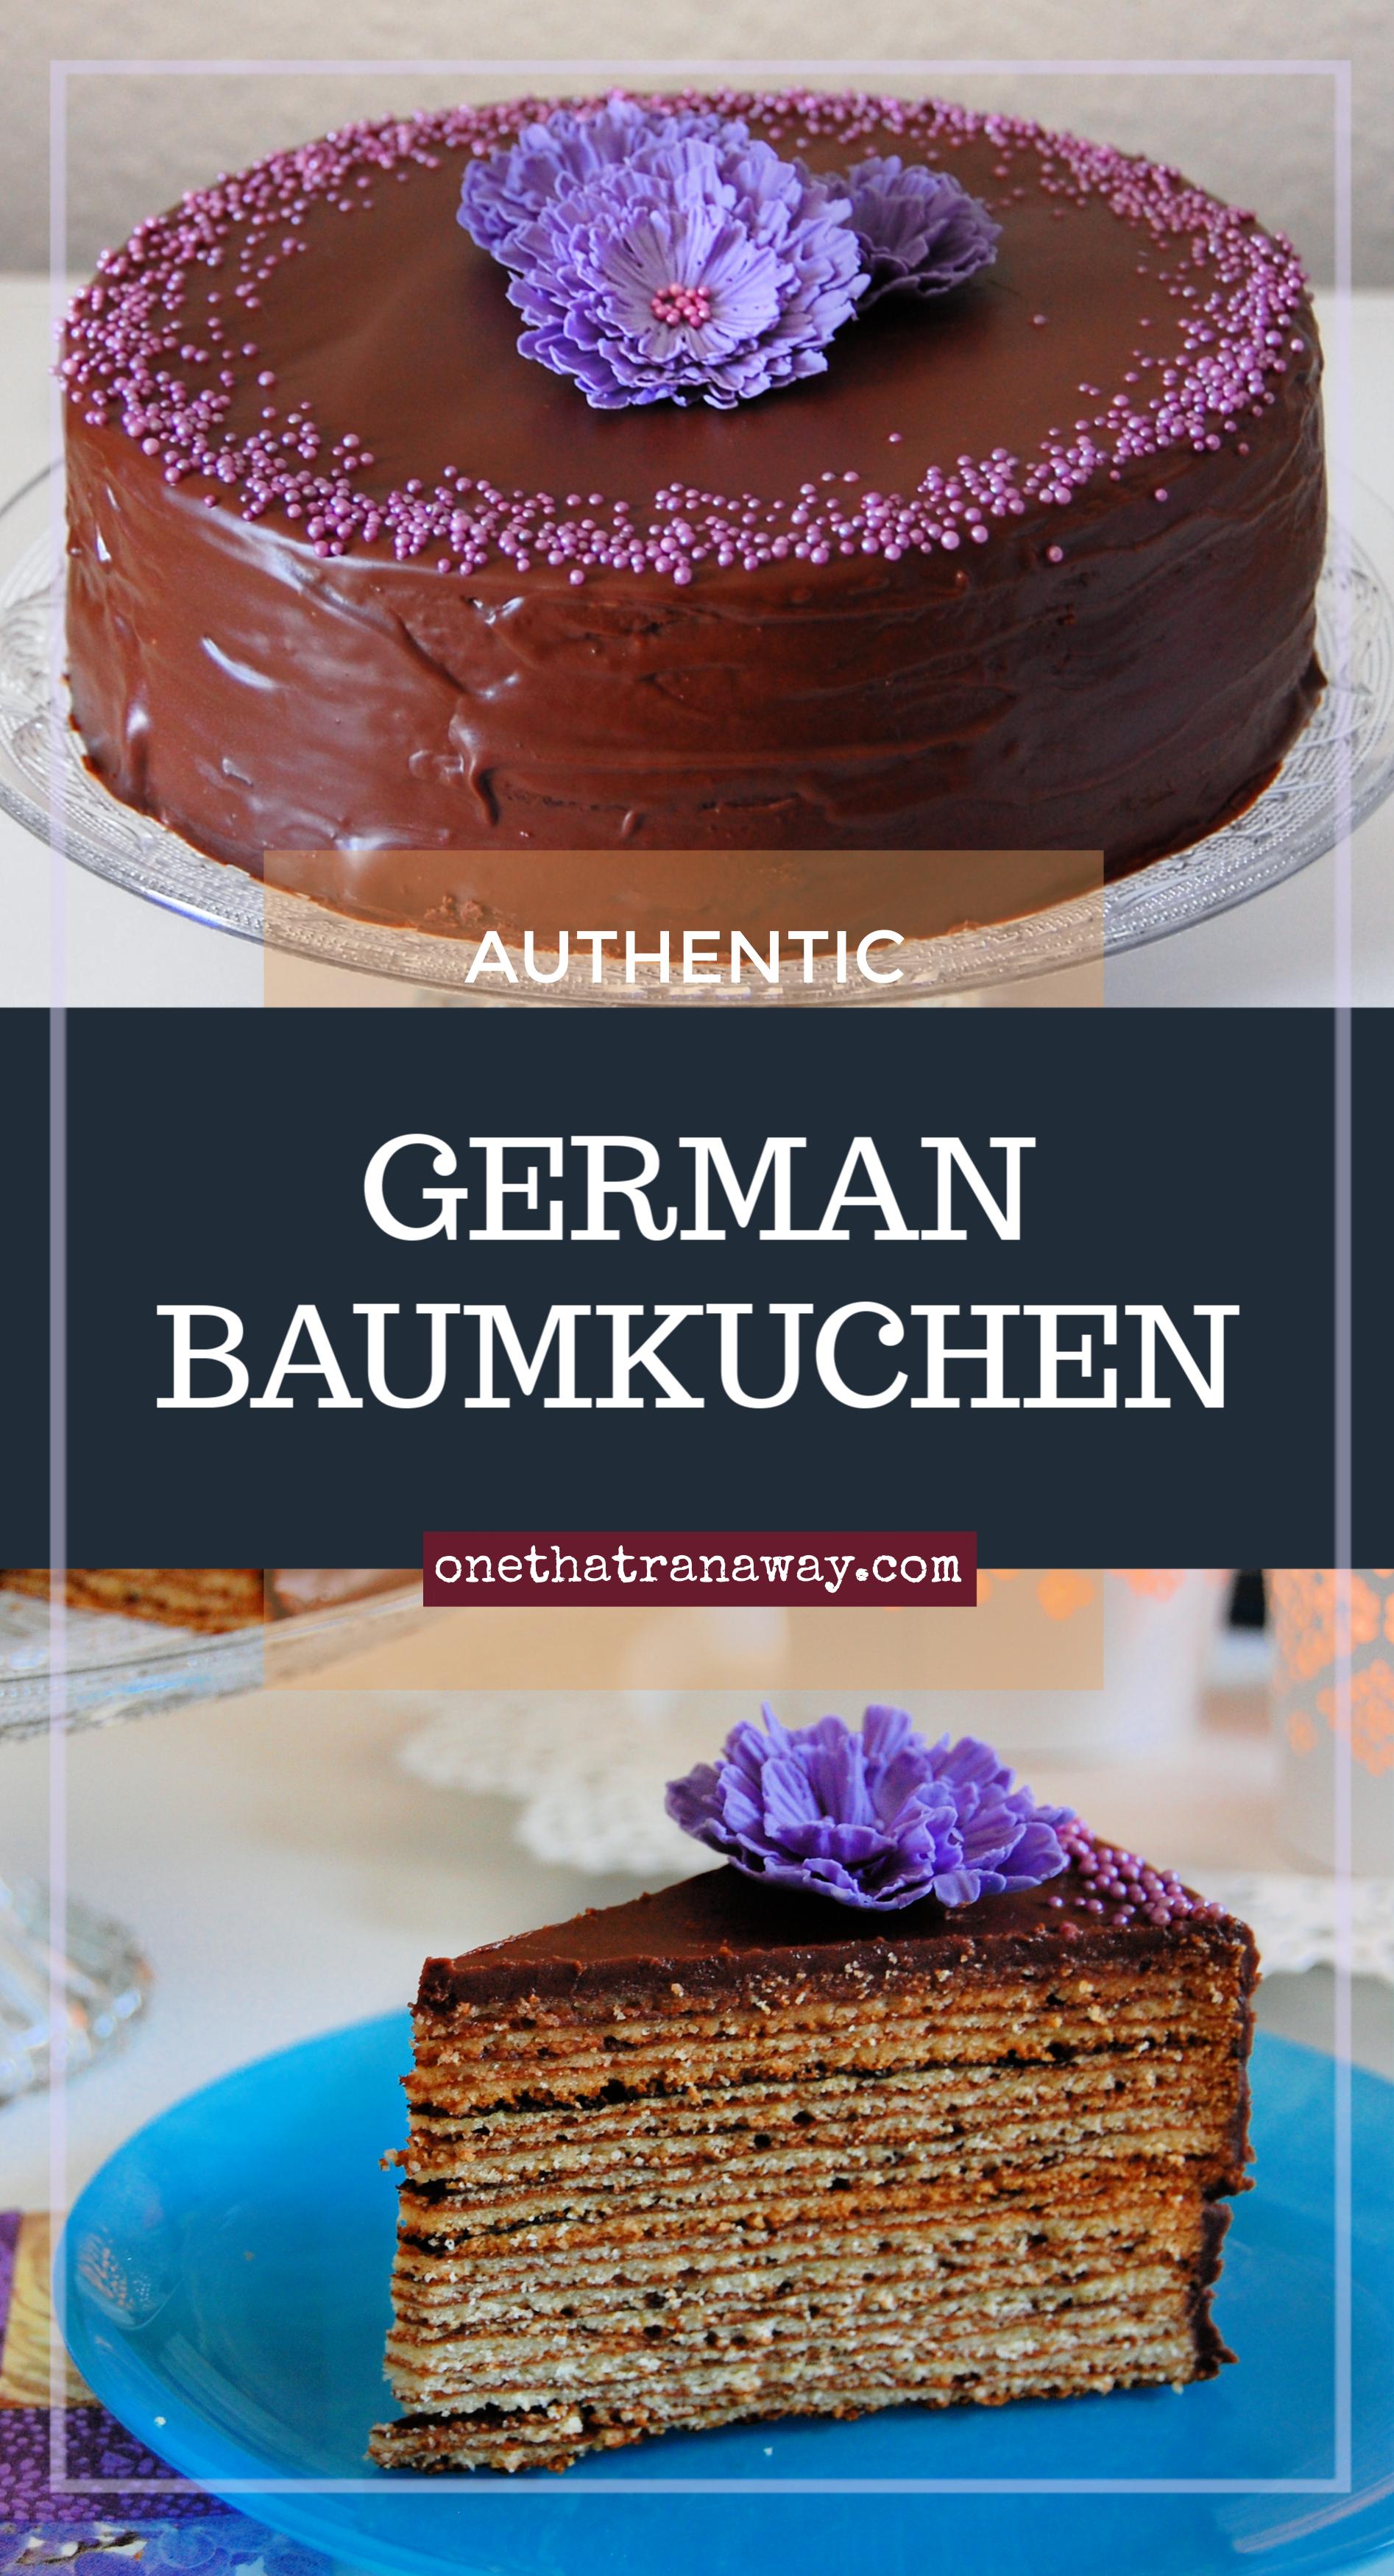 authentic German Baumkuchen